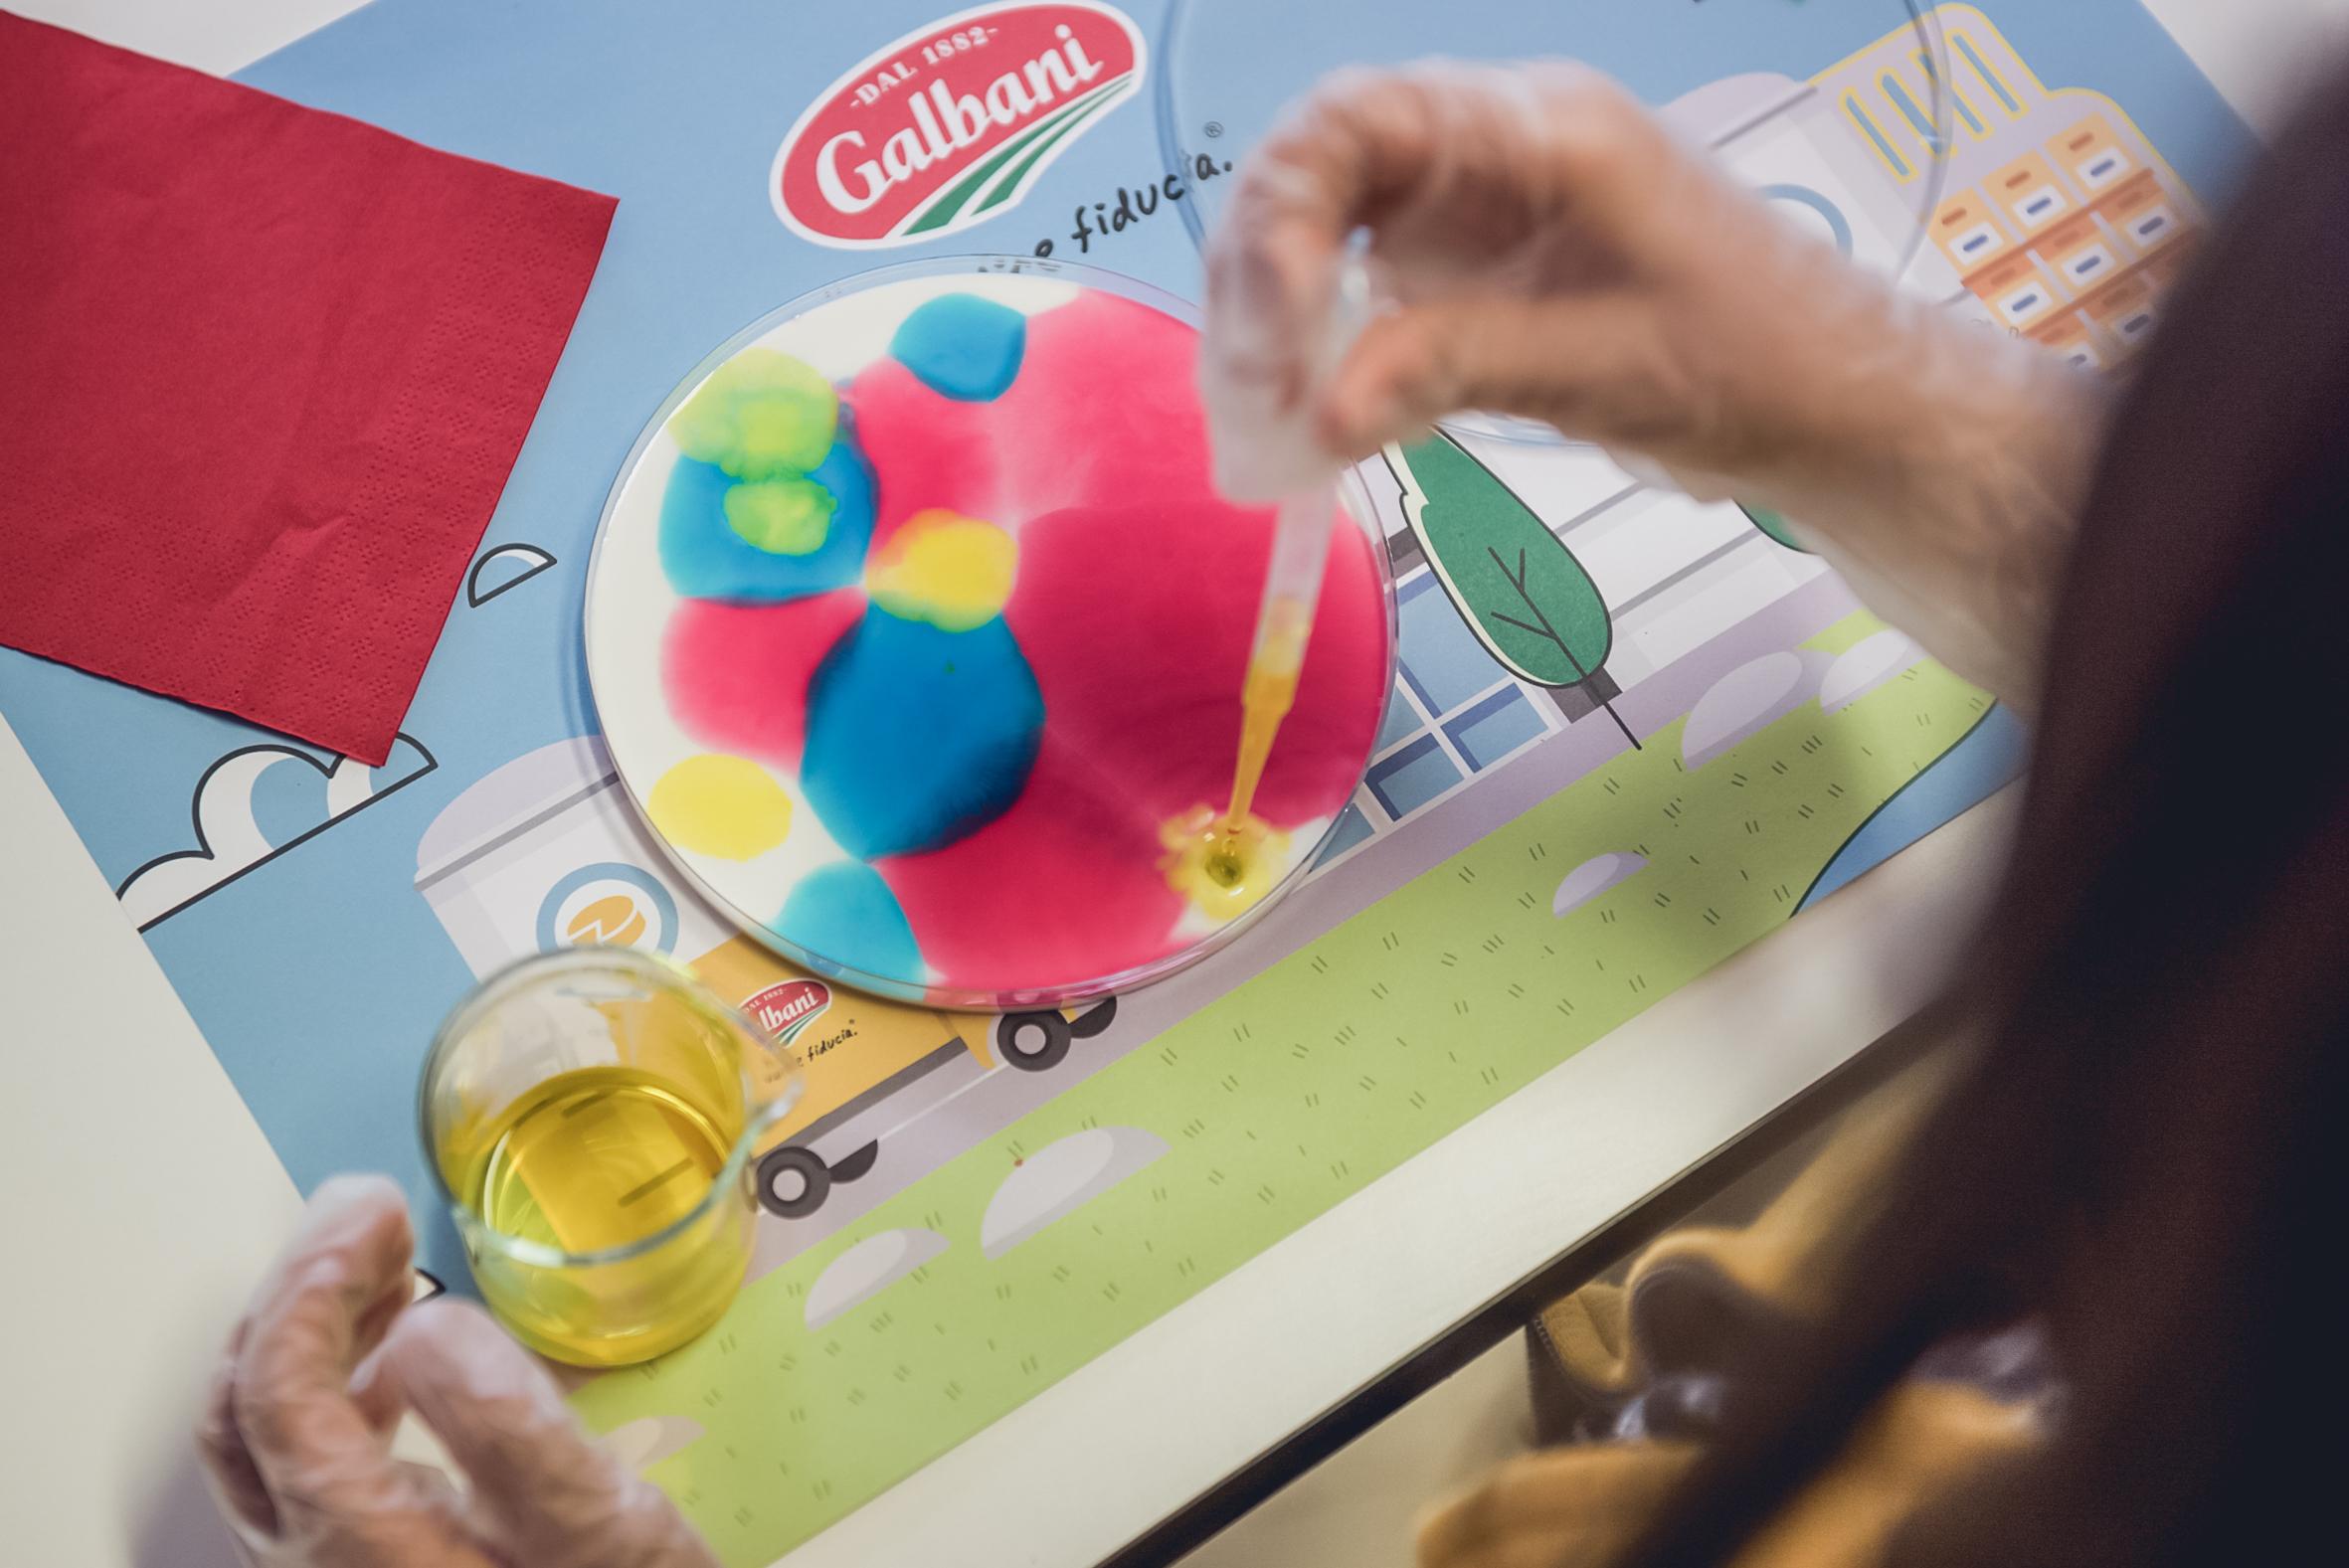 come nasce la certosa galbani _ laboratorio per i bambini